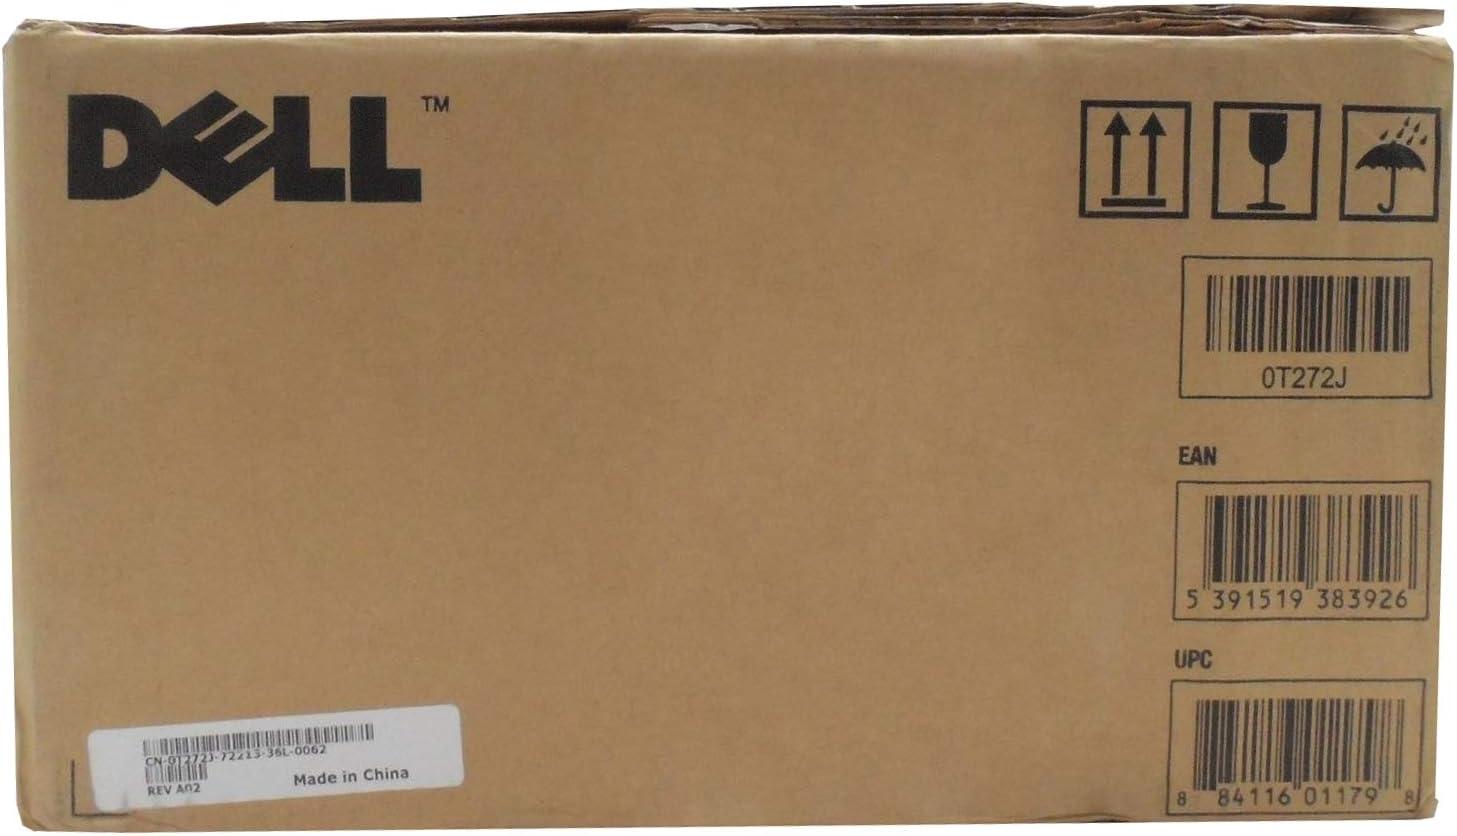 DELL BR 2145CN, 1-SD YLD BLACK TONER T272J by DELL